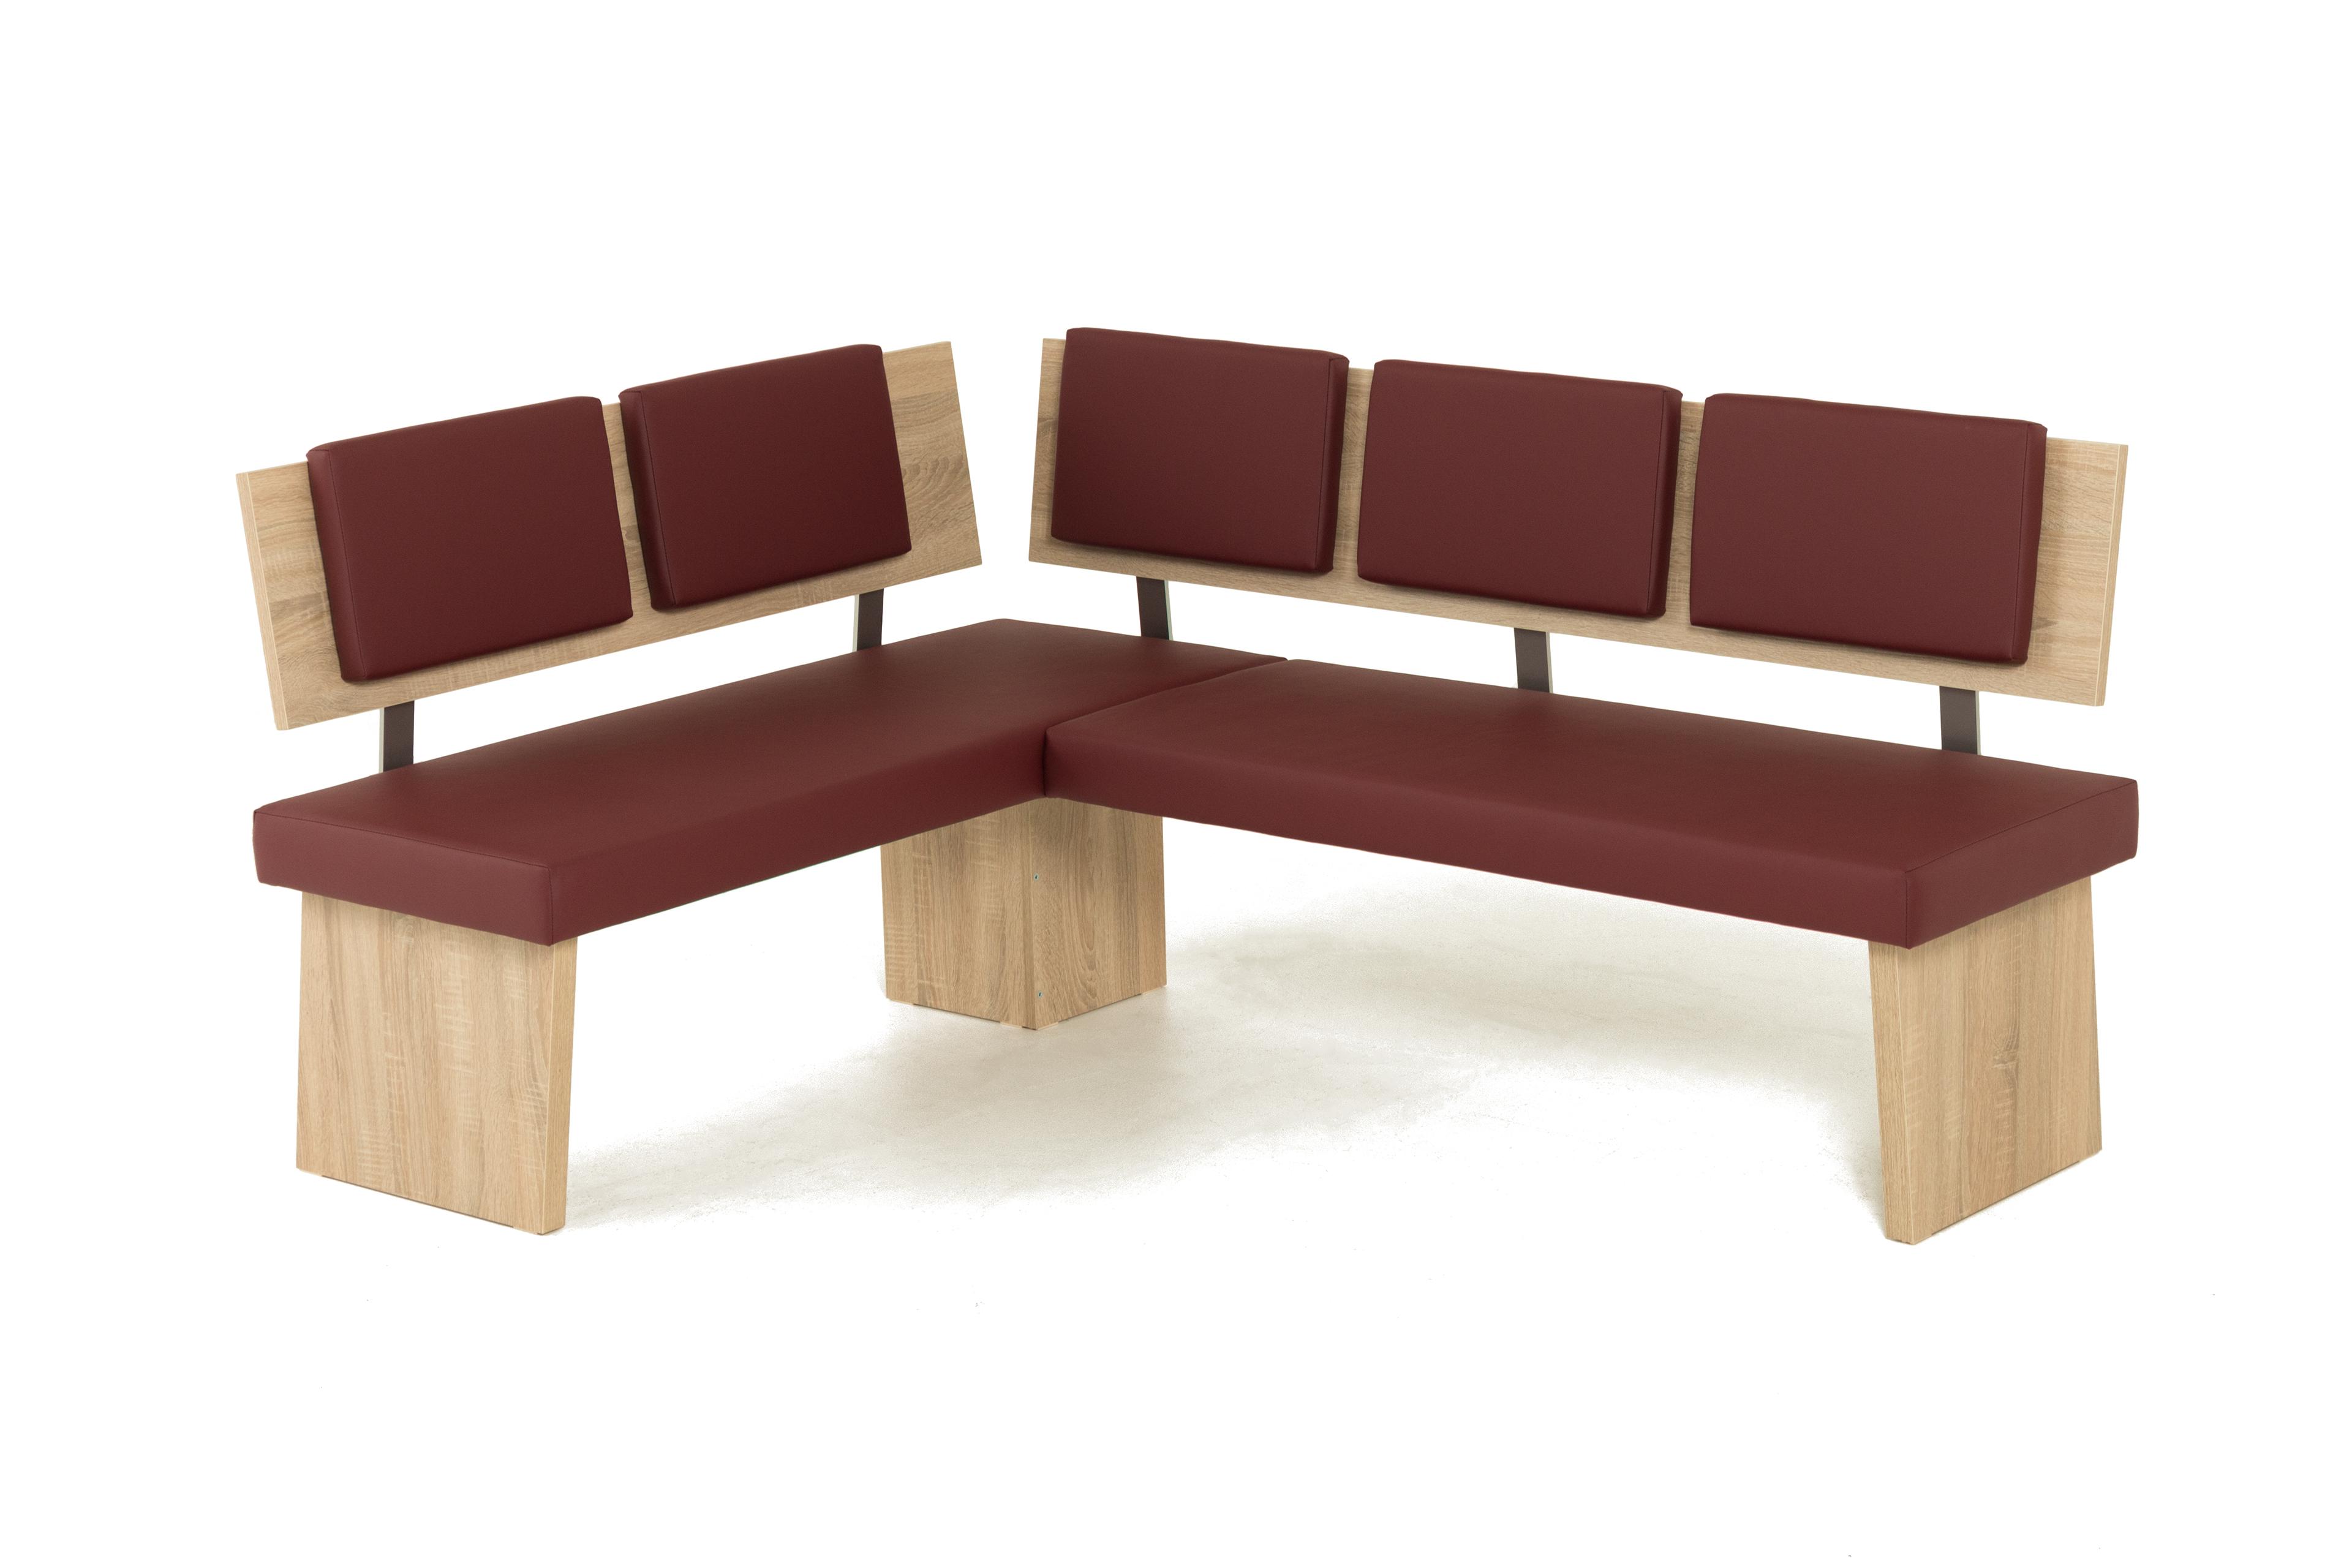 eckbank gruppe kreta sonoma eiche rotbraun von sch sswender m bel letz ihr online shop. Black Bedroom Furniture Sets. Home Design Ideas